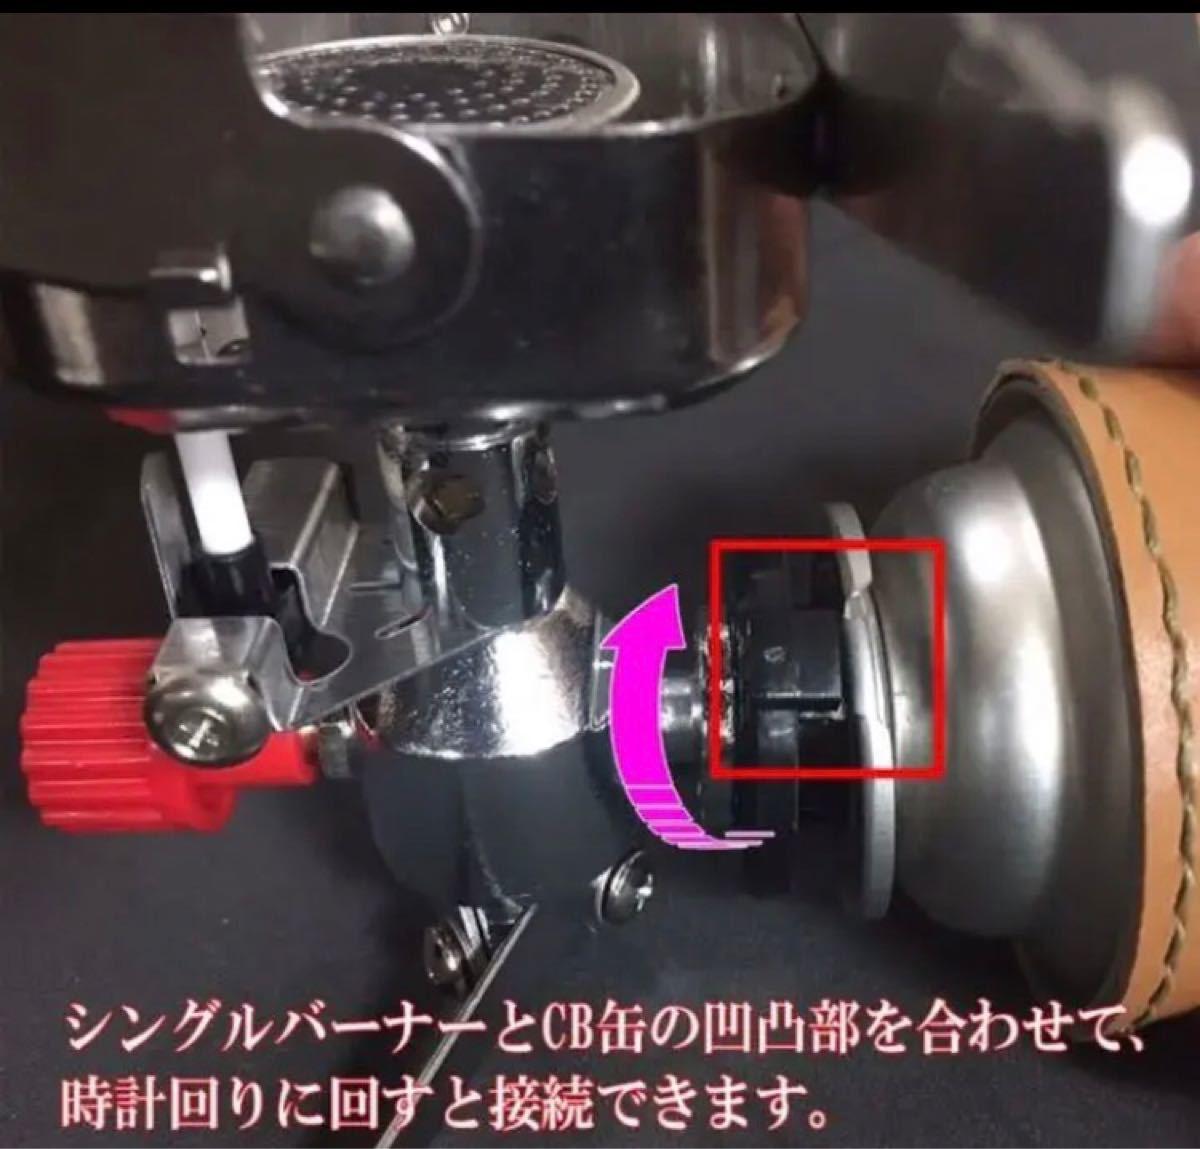 【新品未使用】シングルバーナー CB缶 アウトドア ソロキャンプ